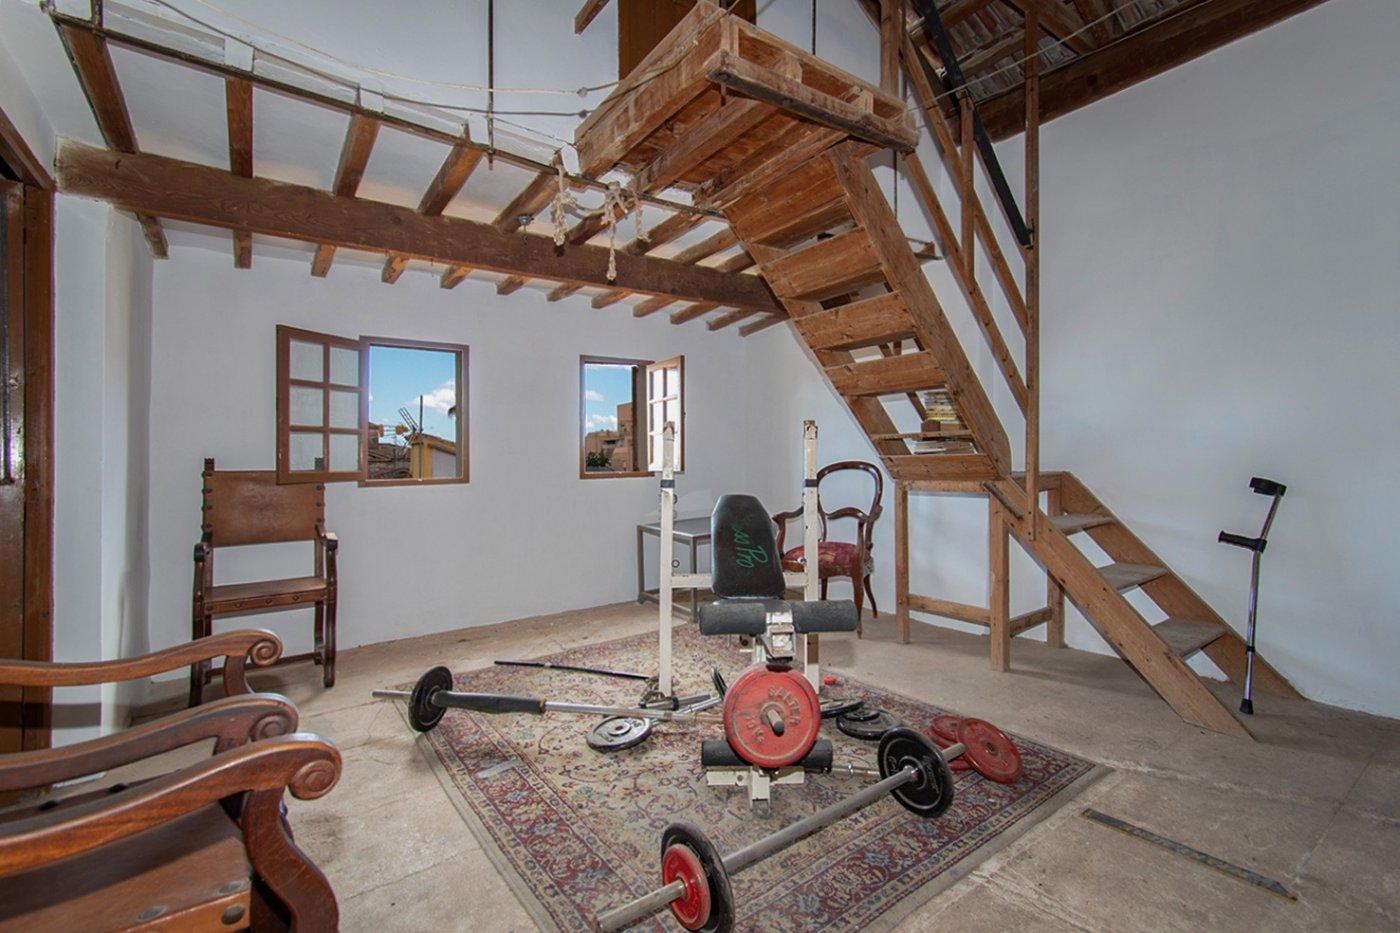 Casa unifamilair con garaje, jardÍn y terraza en la vileta. - imagenInmueble24